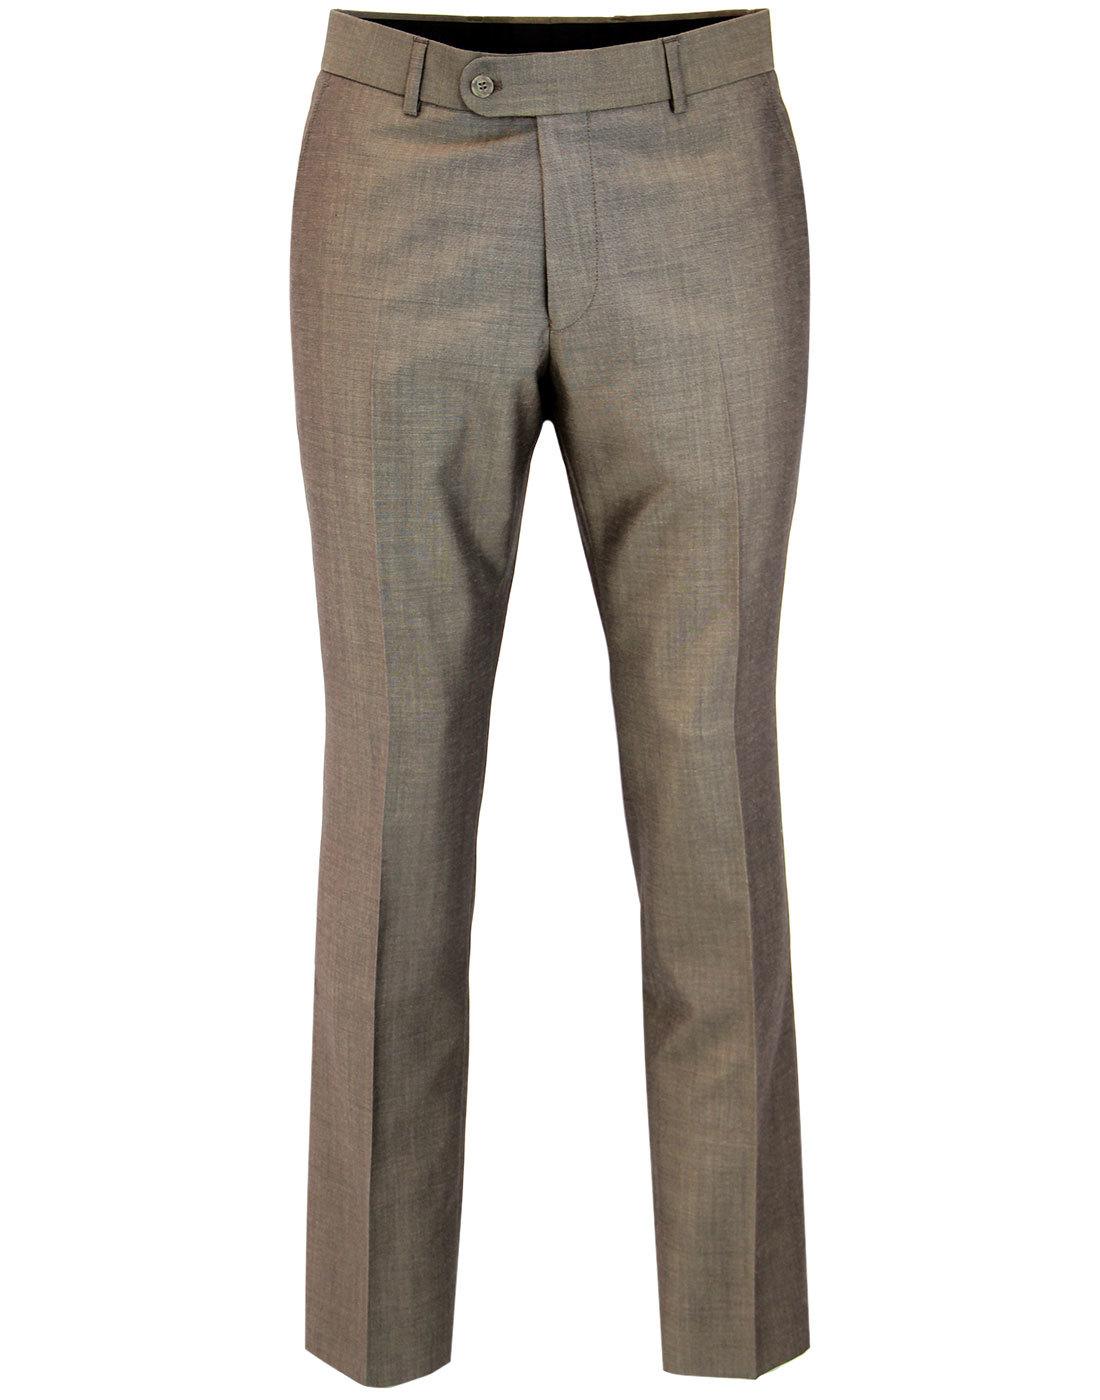 Men's Retro Mod Mohair Tonic Suit Trousers TAUPE